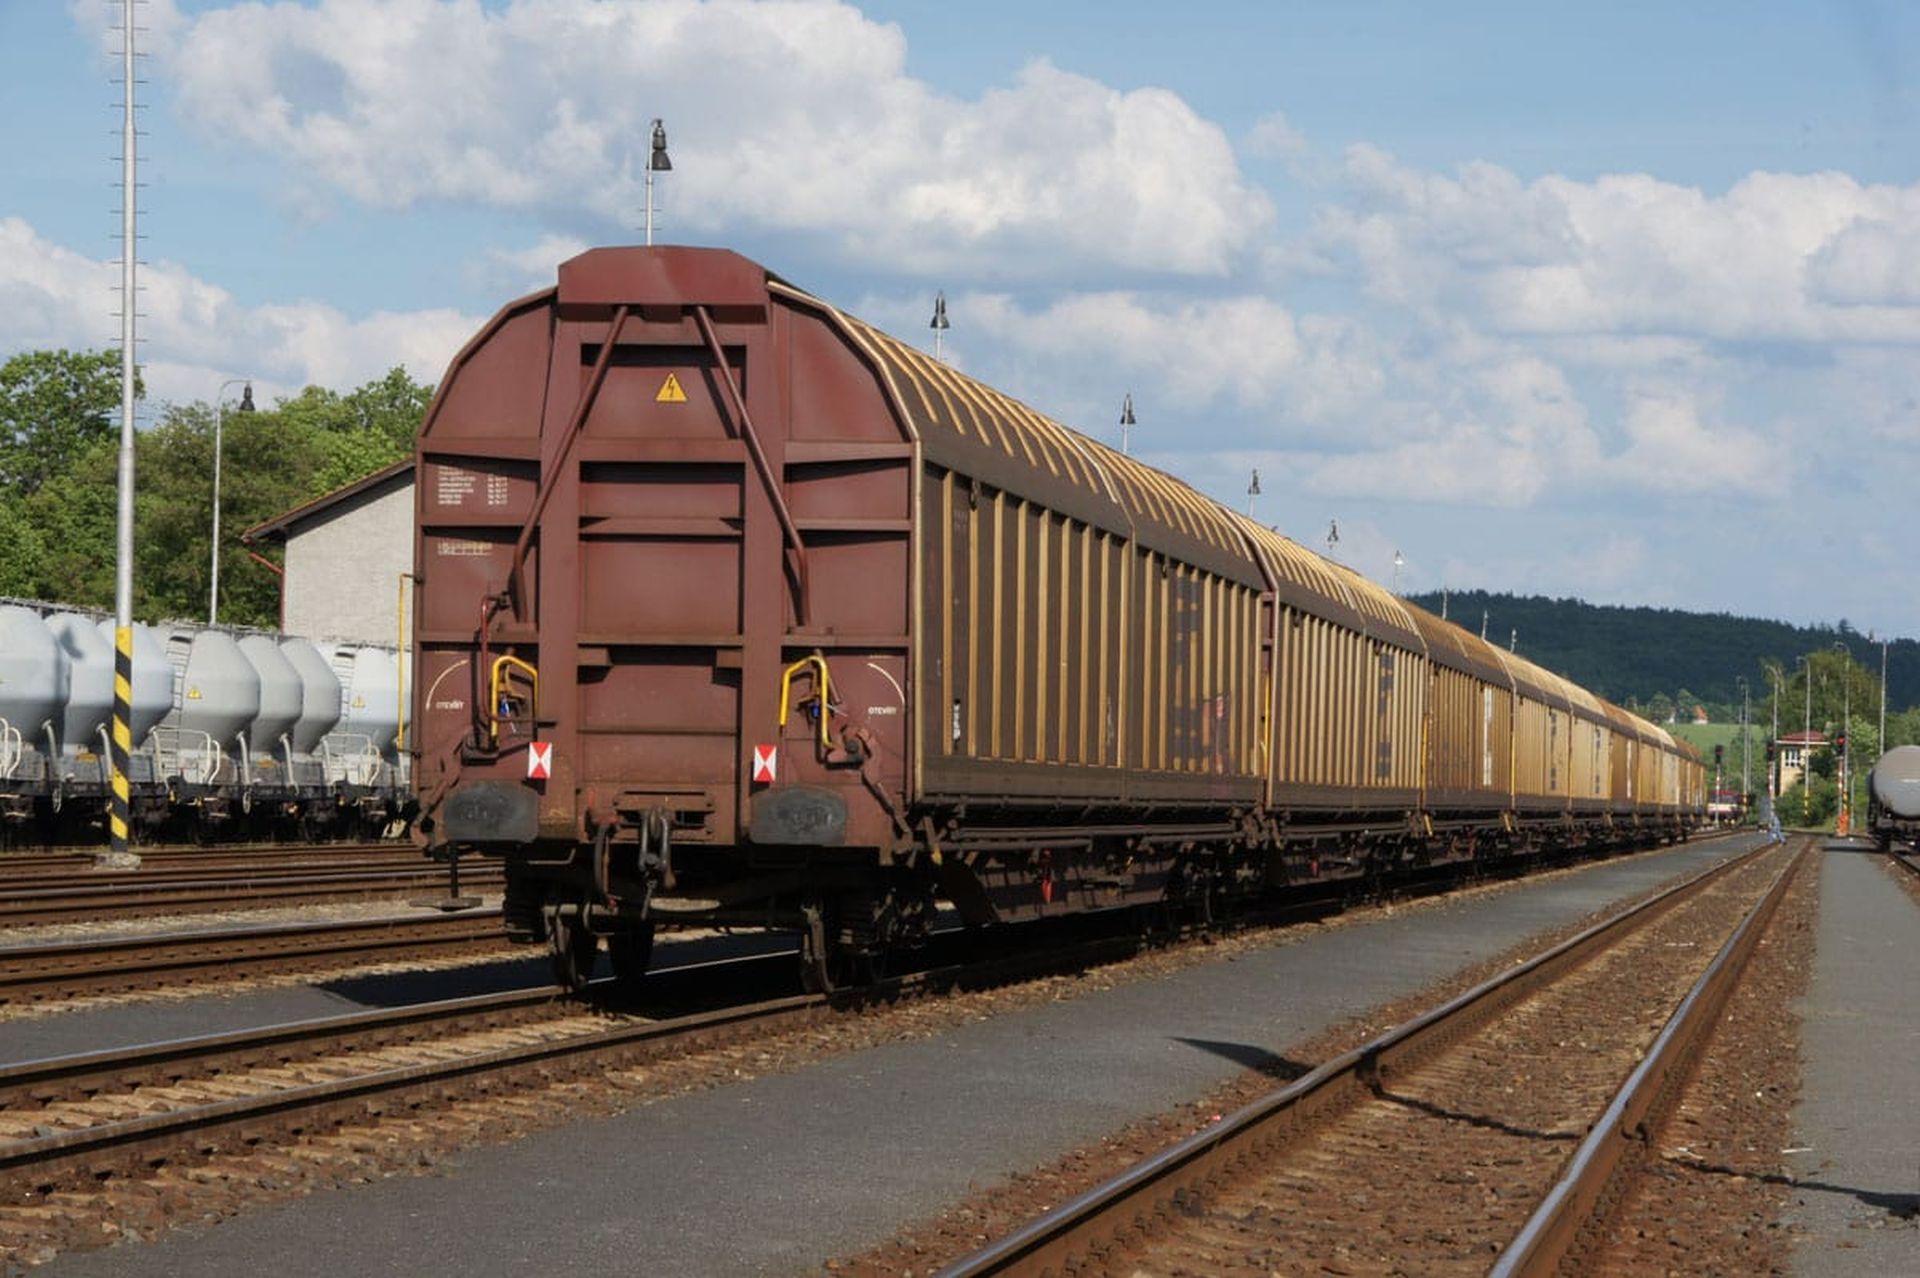 Nákladní vlak v Rakovníku. Foto: ŽESNAD.cz